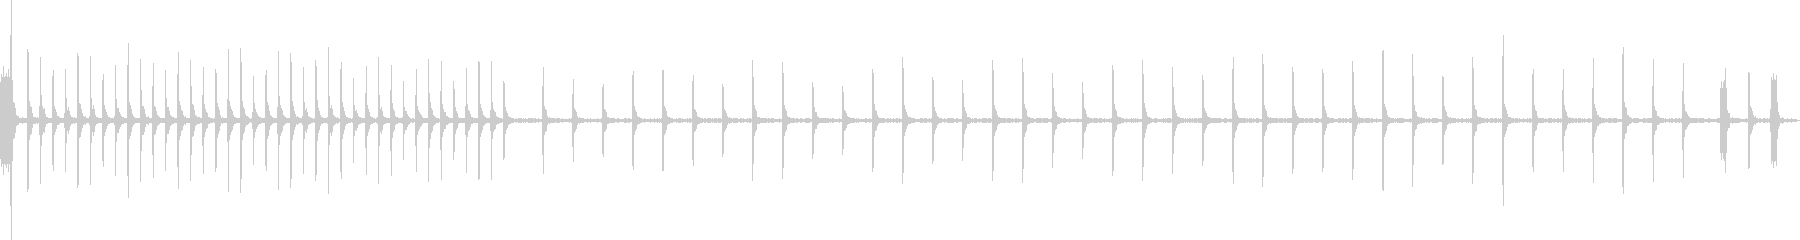 デジタルハムパターの未再生の波形